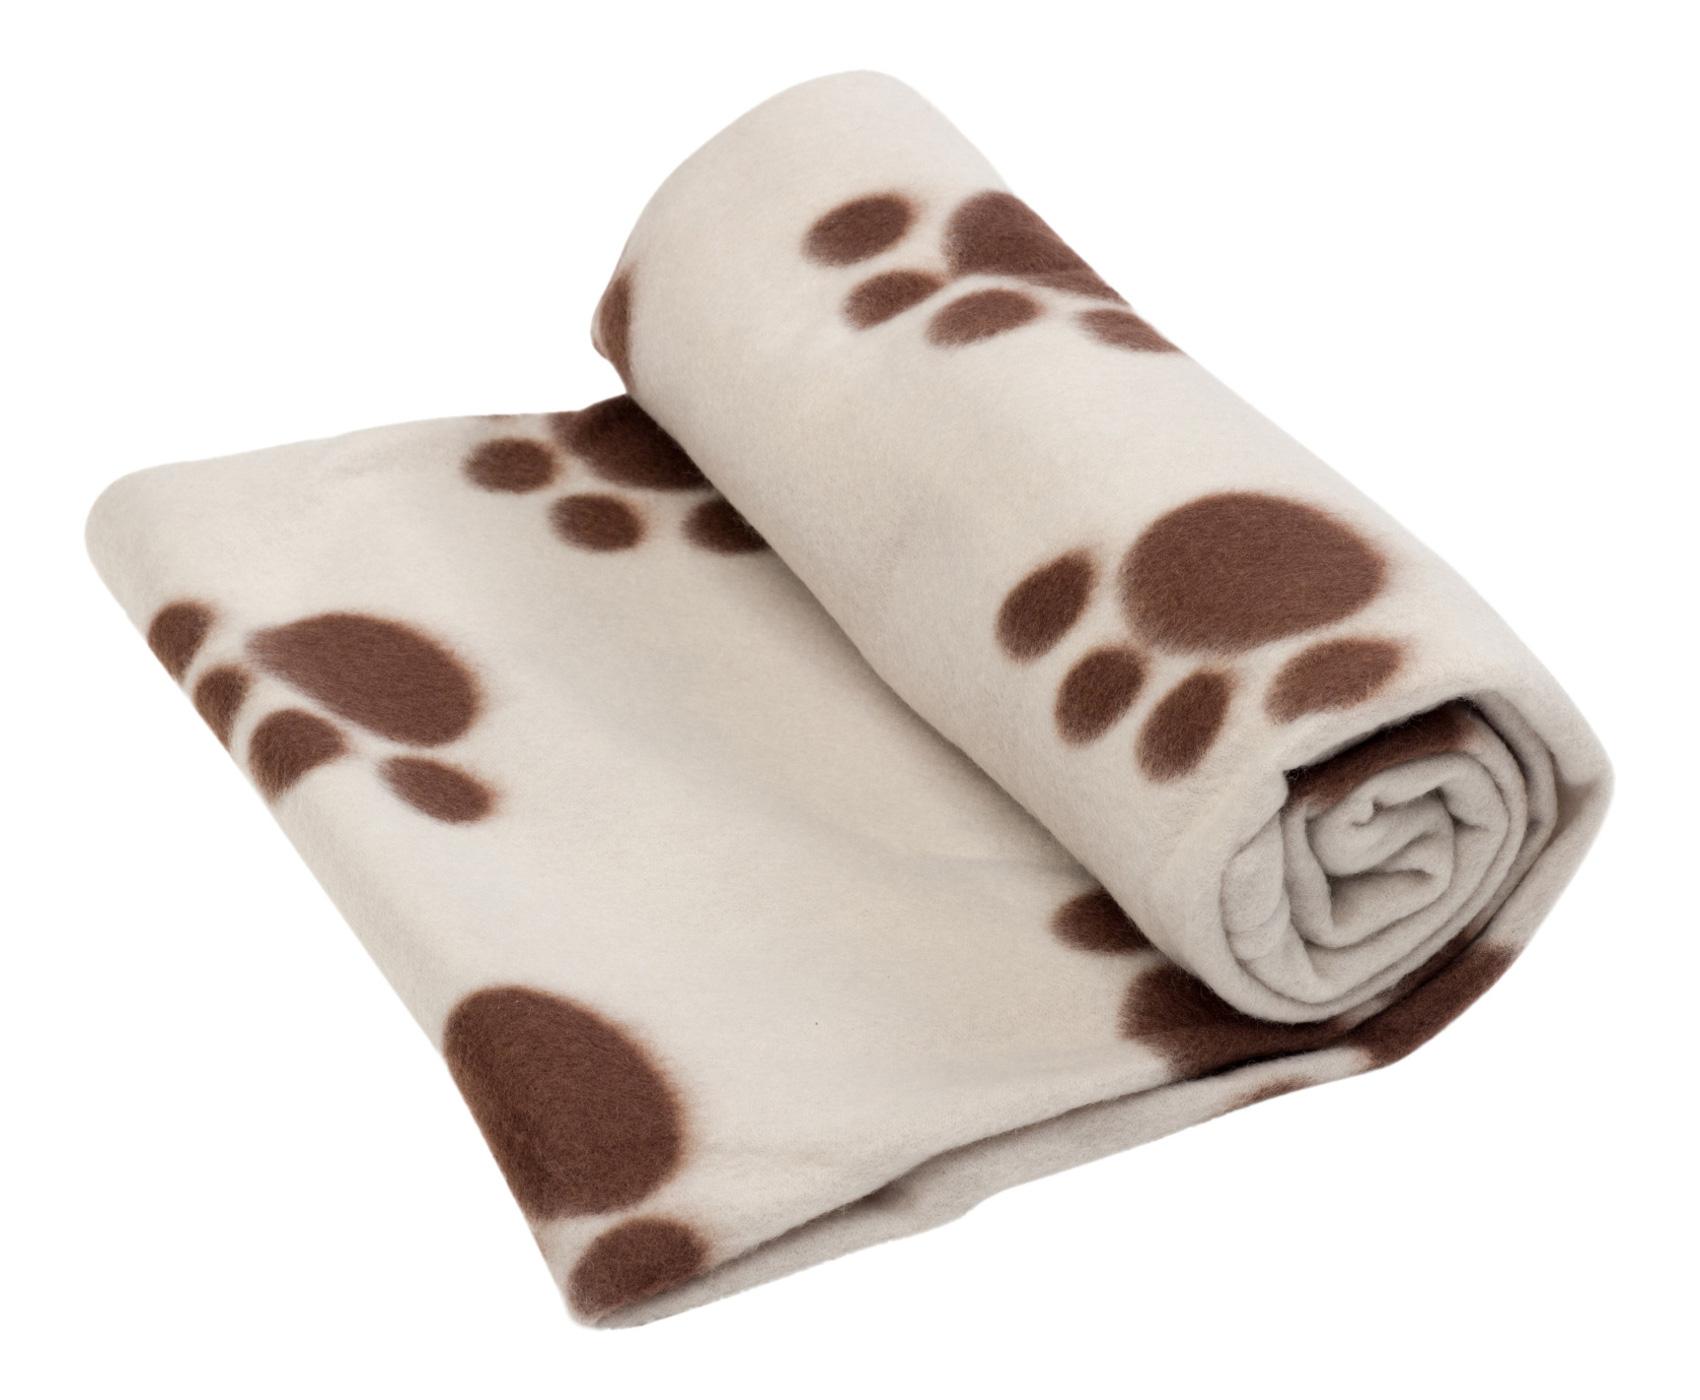 Petface Soft Fleece Comforter Dog Cat Blanket Beige Brown